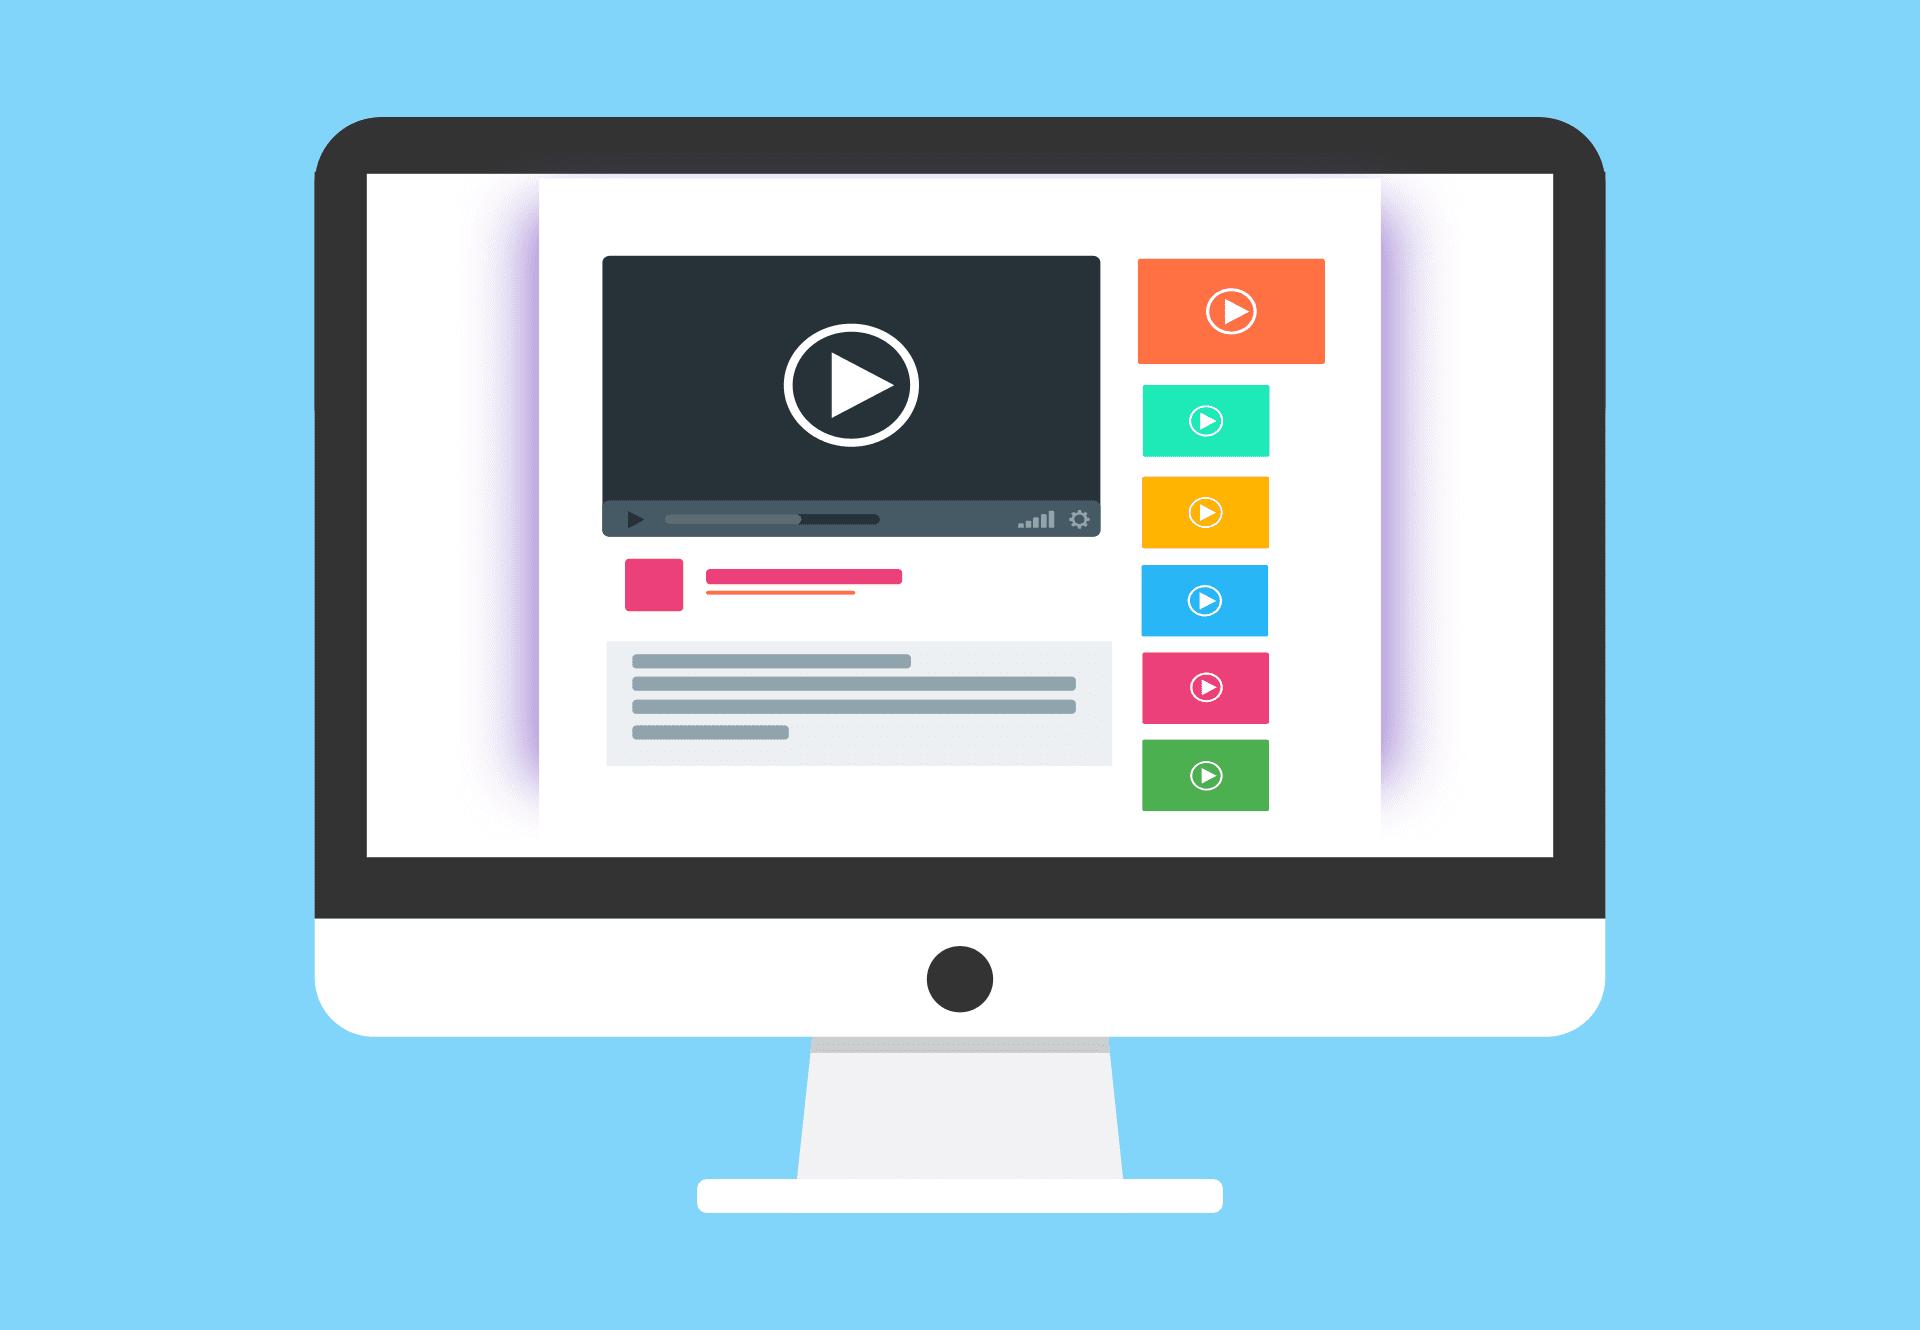 Sitio web con videos. Fuente: Pixabay